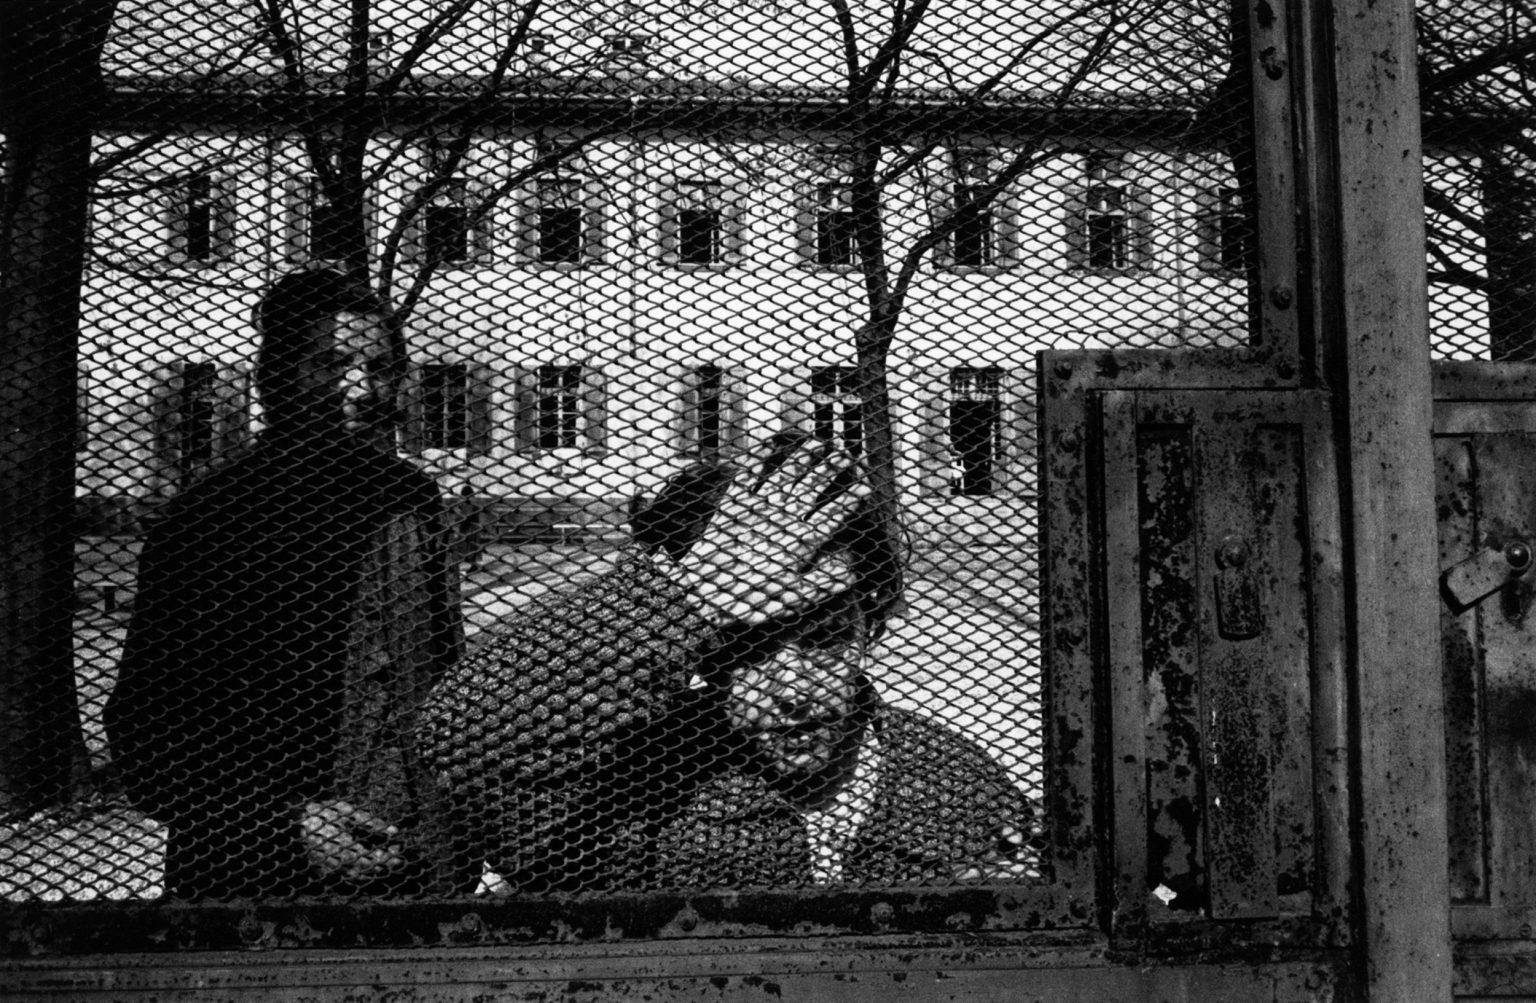 """Gorizia, 1968-1969 - Recreational time in the courtyard. A patient leaning on the grating before it being tear down. ><  Gorizia, 1968-1969 - Un momento di svago nel cortile. Una paziente si appoggia alla recinzione prima che questa venga abbattuta.<p><span style=""""color: #ff0000""""><strong>*** SPECIAL   FEE   APPLIES ***</strong></span></p>"""